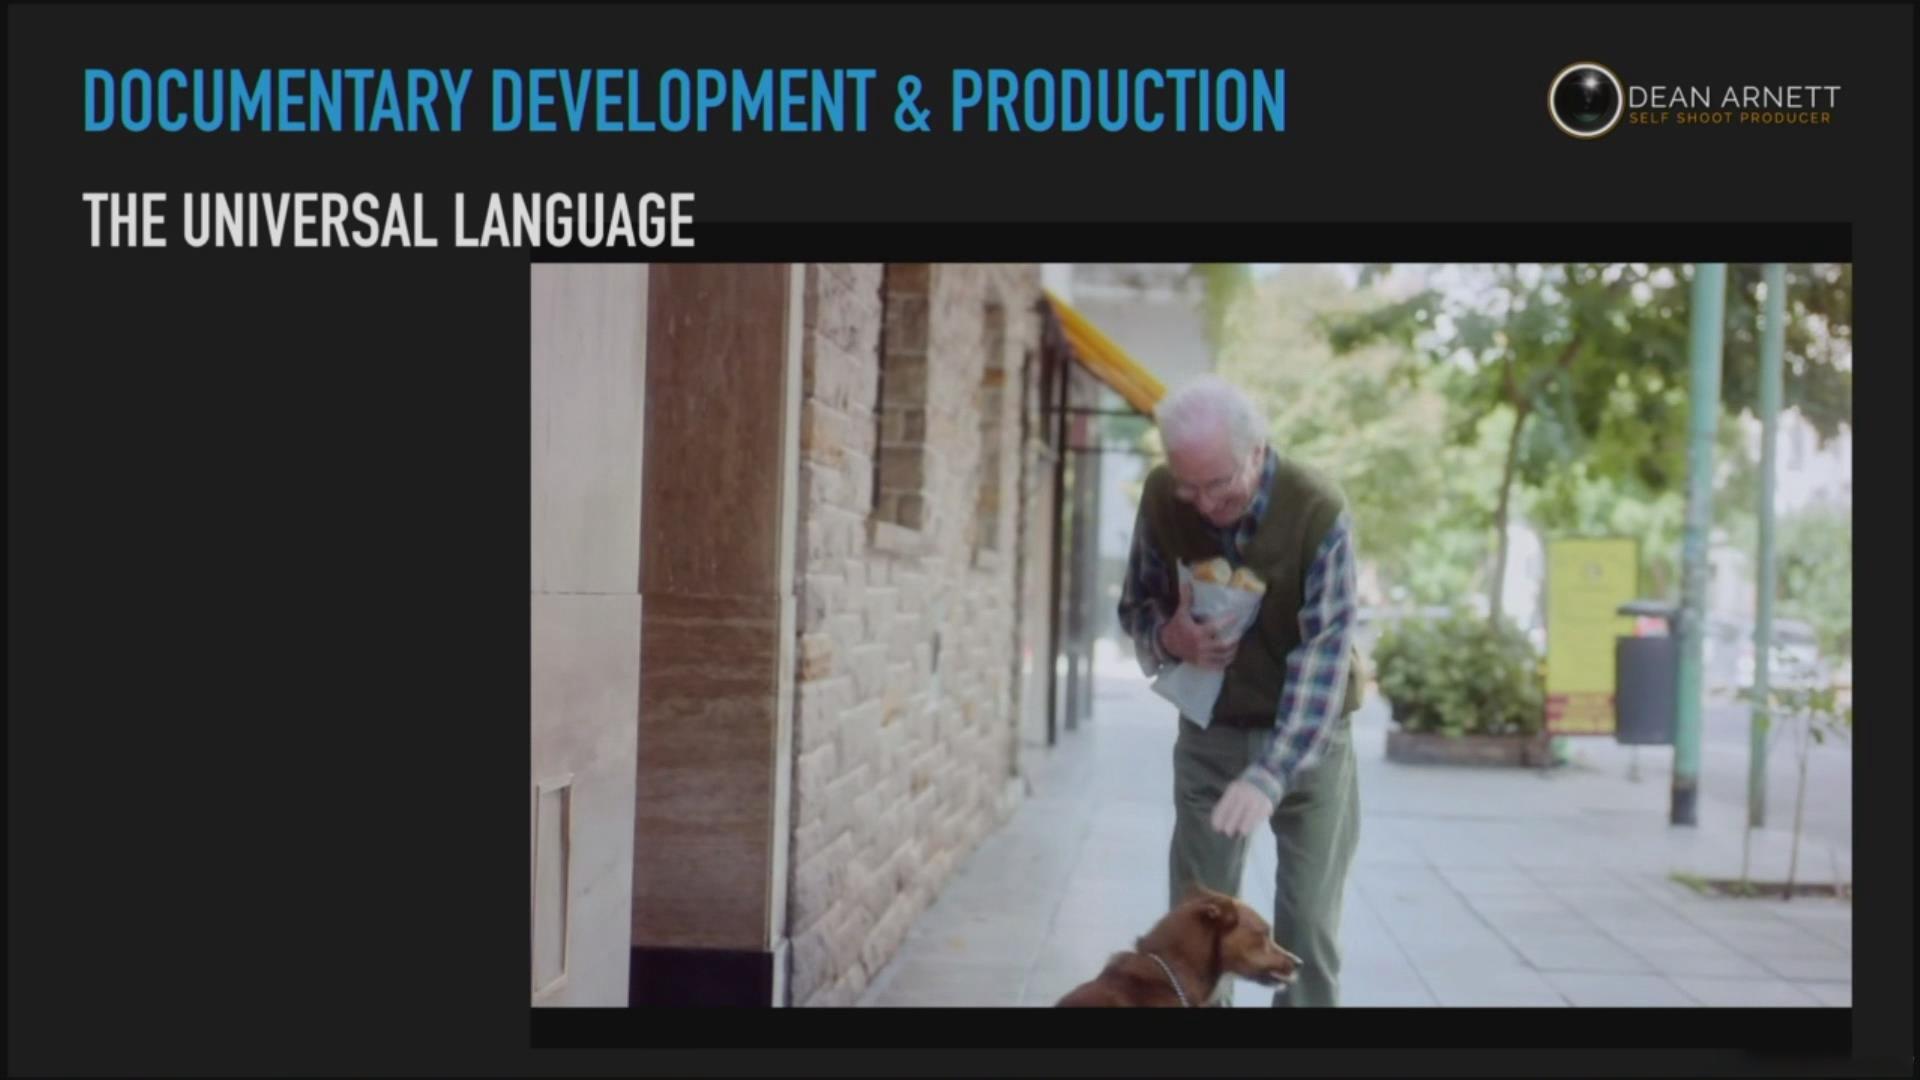 摄影教程_Dean Arnet-权威_广播标准_纪录片开发和制作大师班-中文字幕 摄影教程 _预览图4